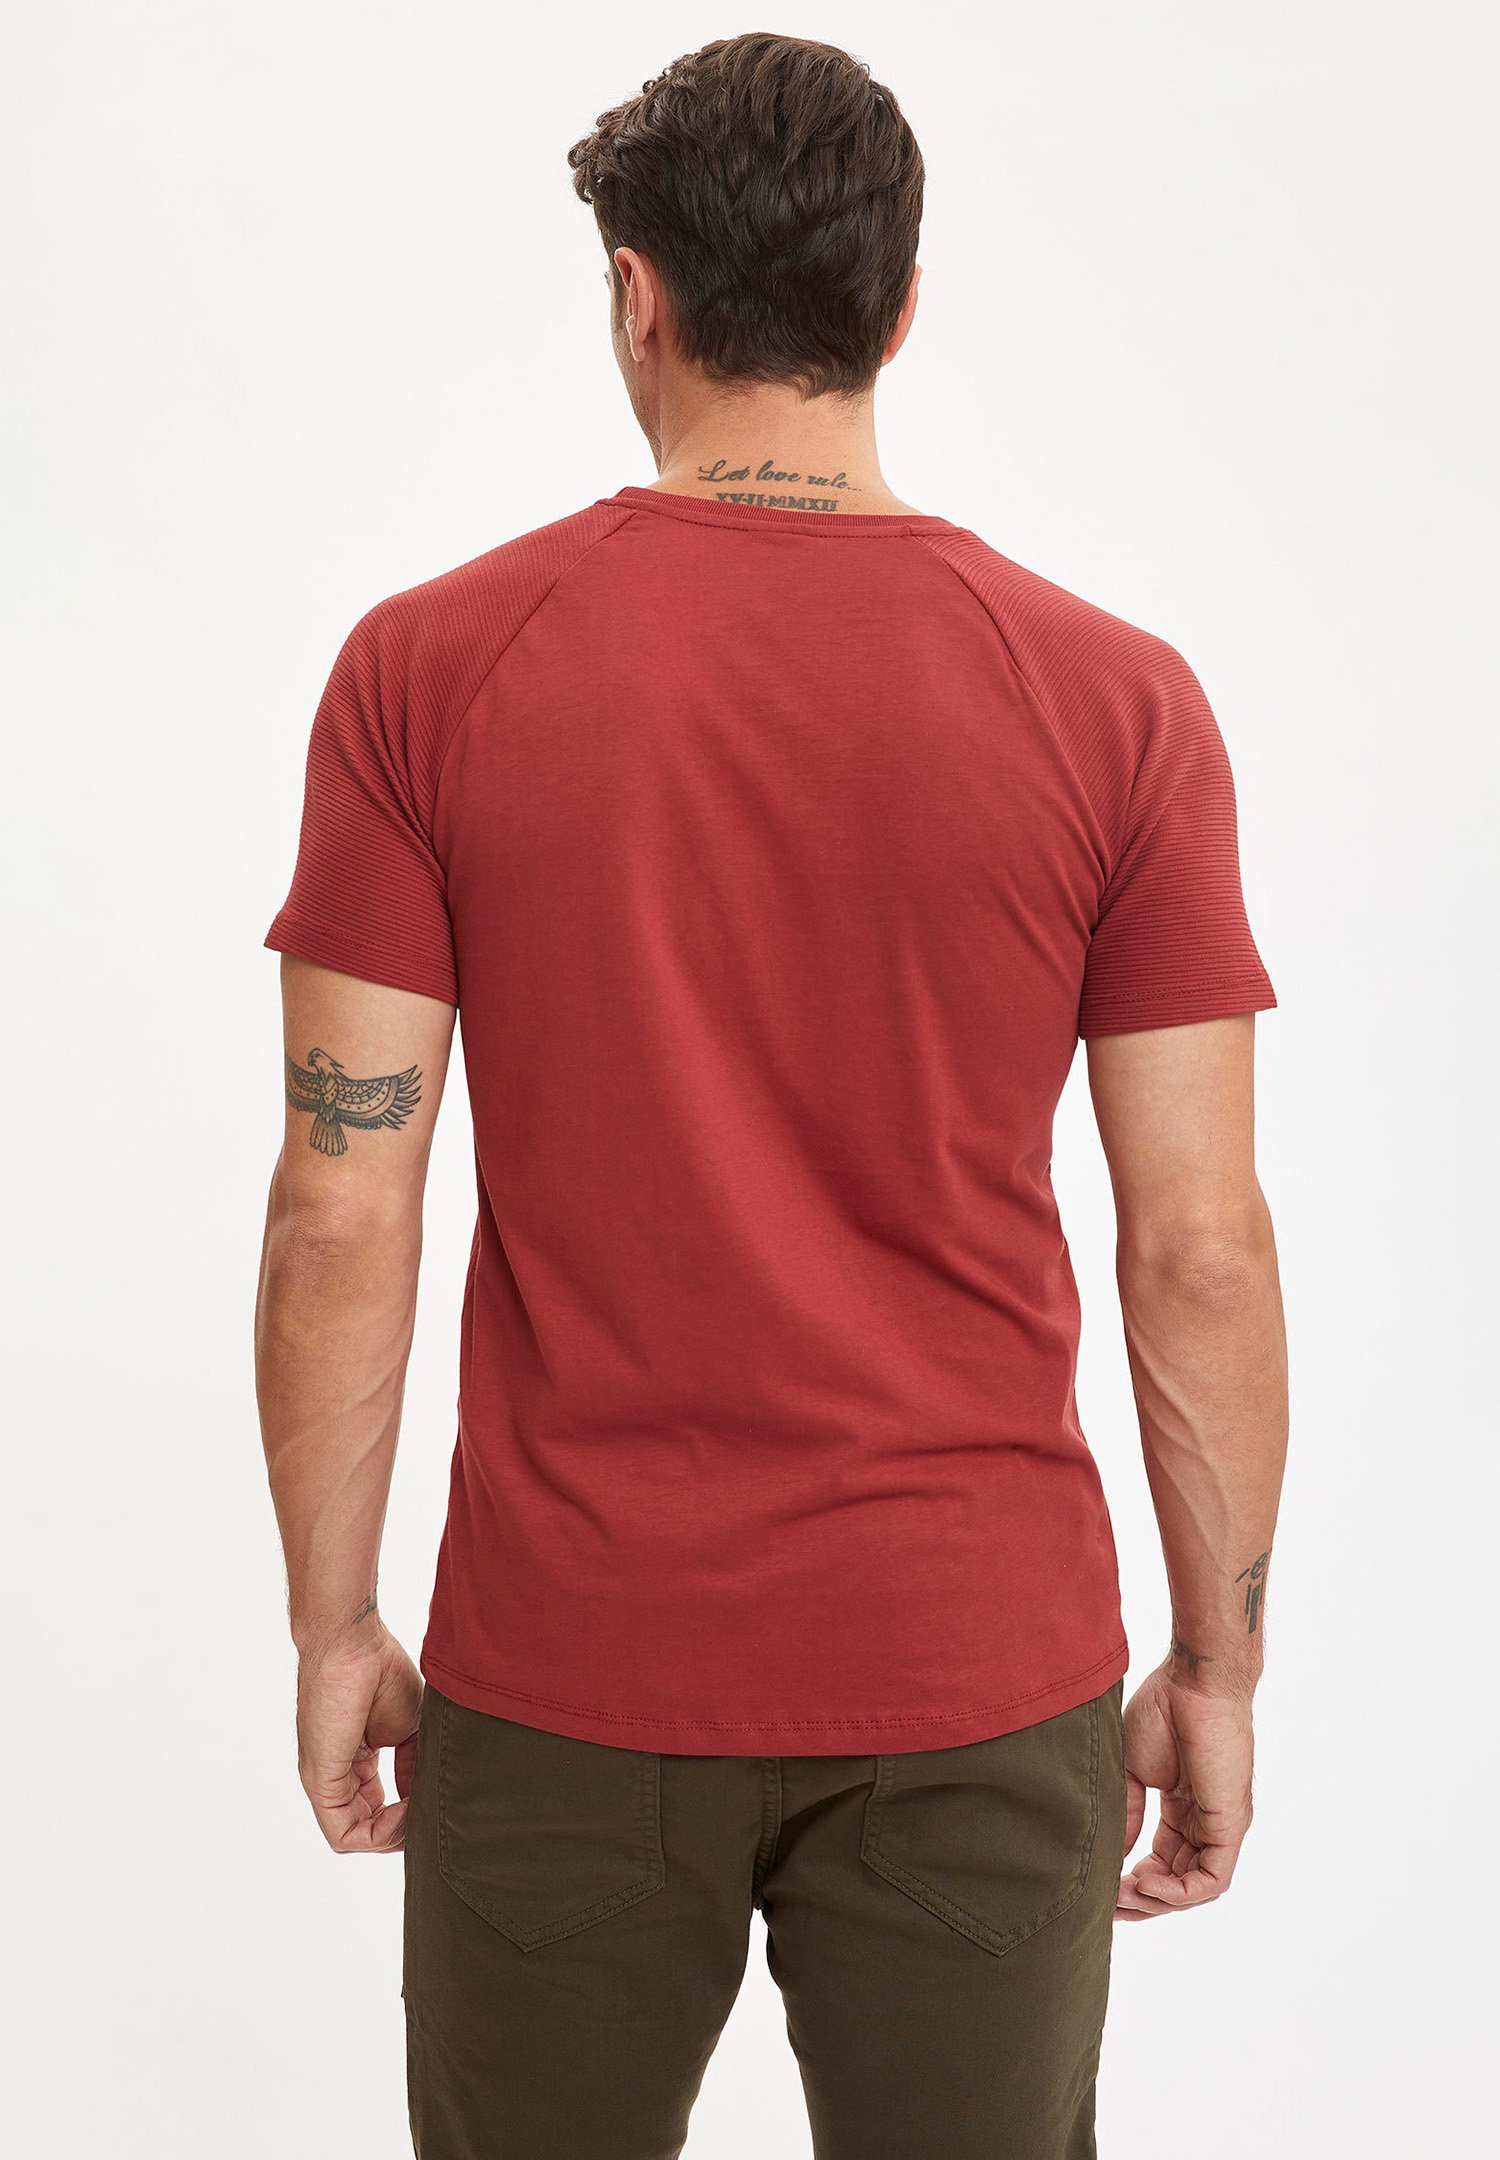 DeFacto Basic T-shirt - bordeaux kdQnx